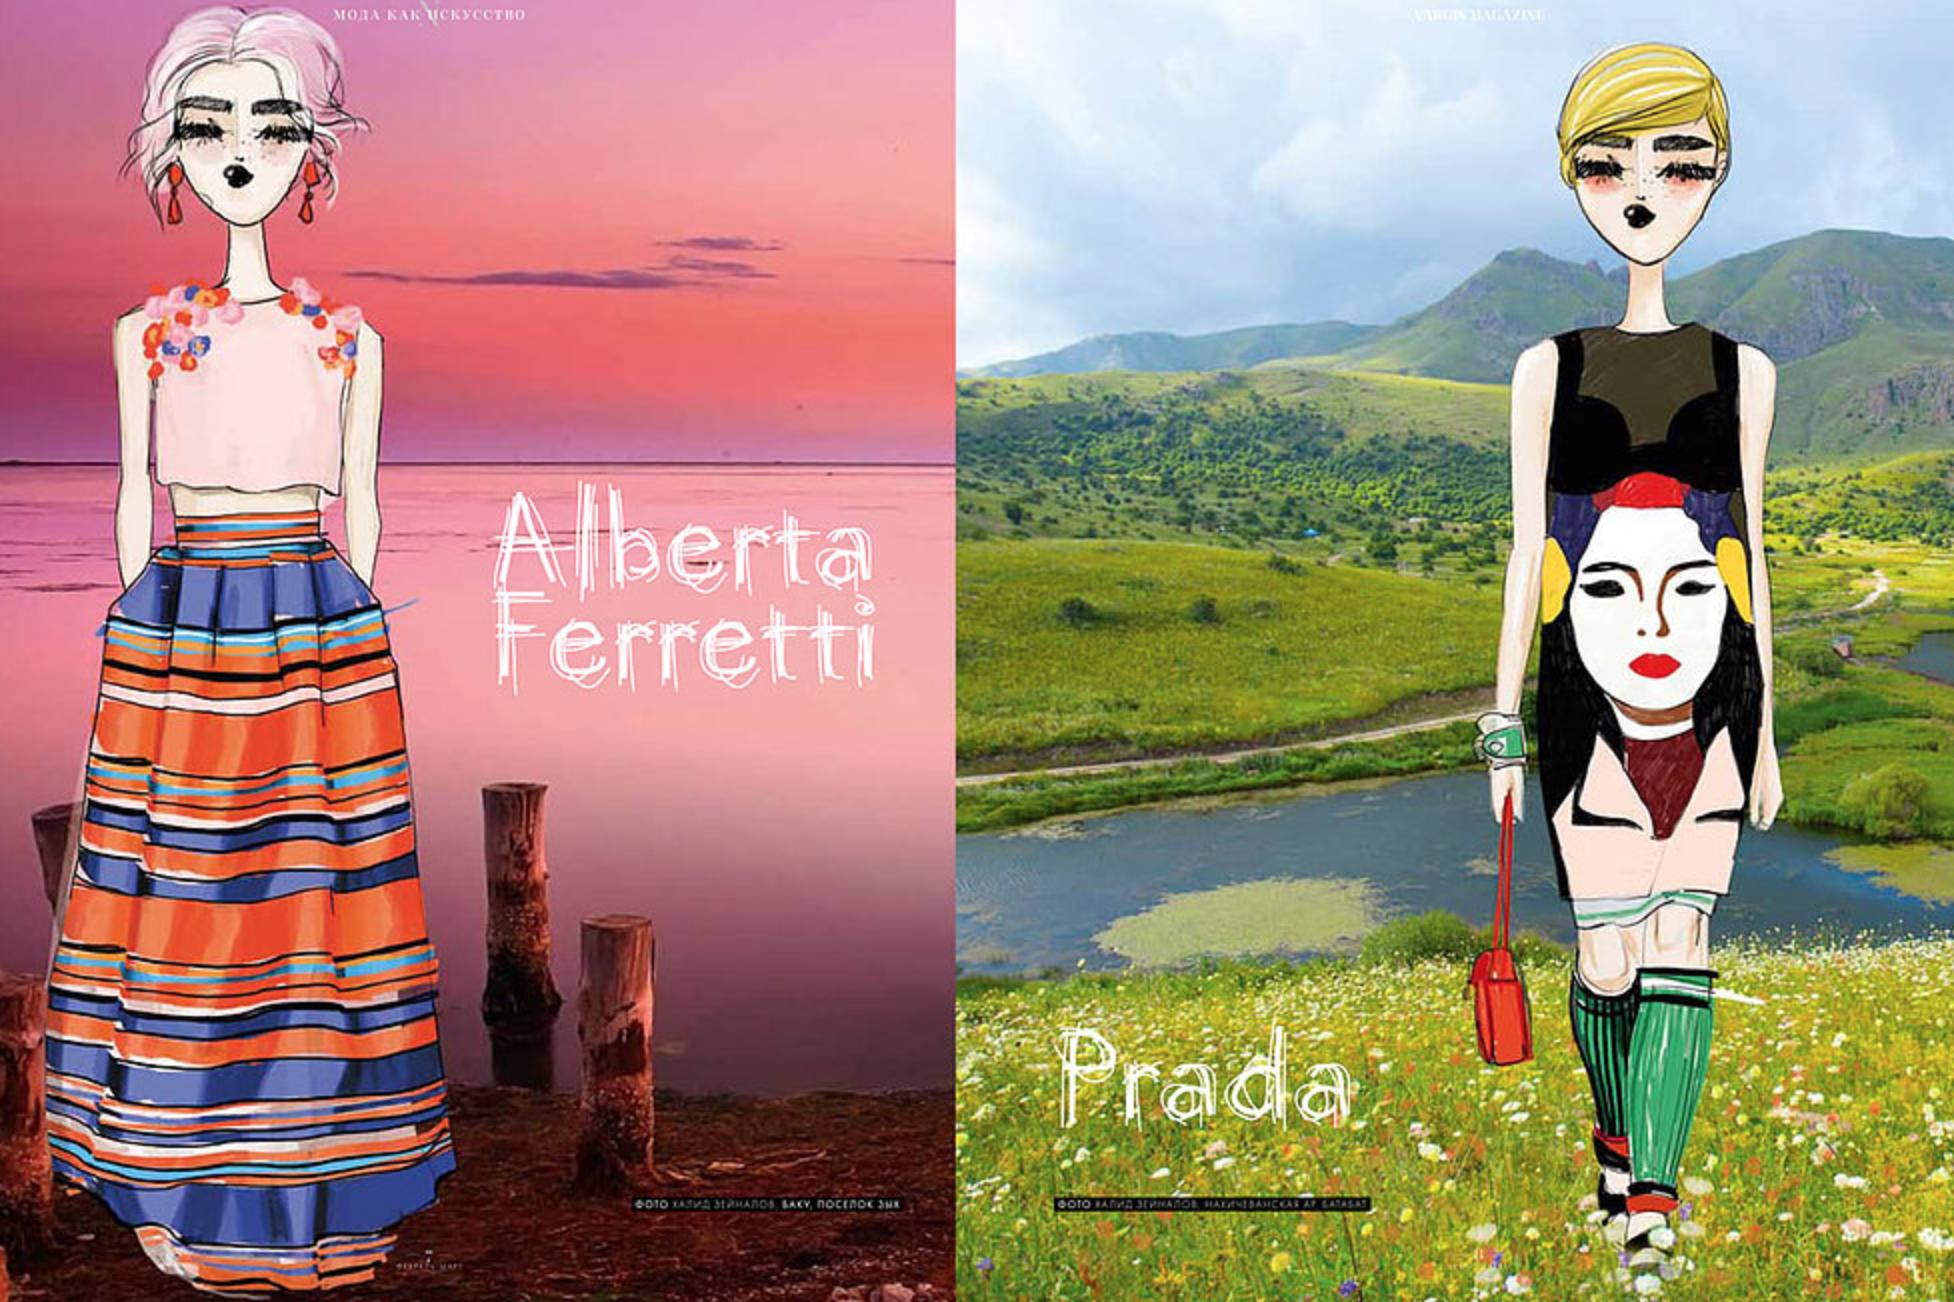 Koketit - Alberta Ferretti and Prada